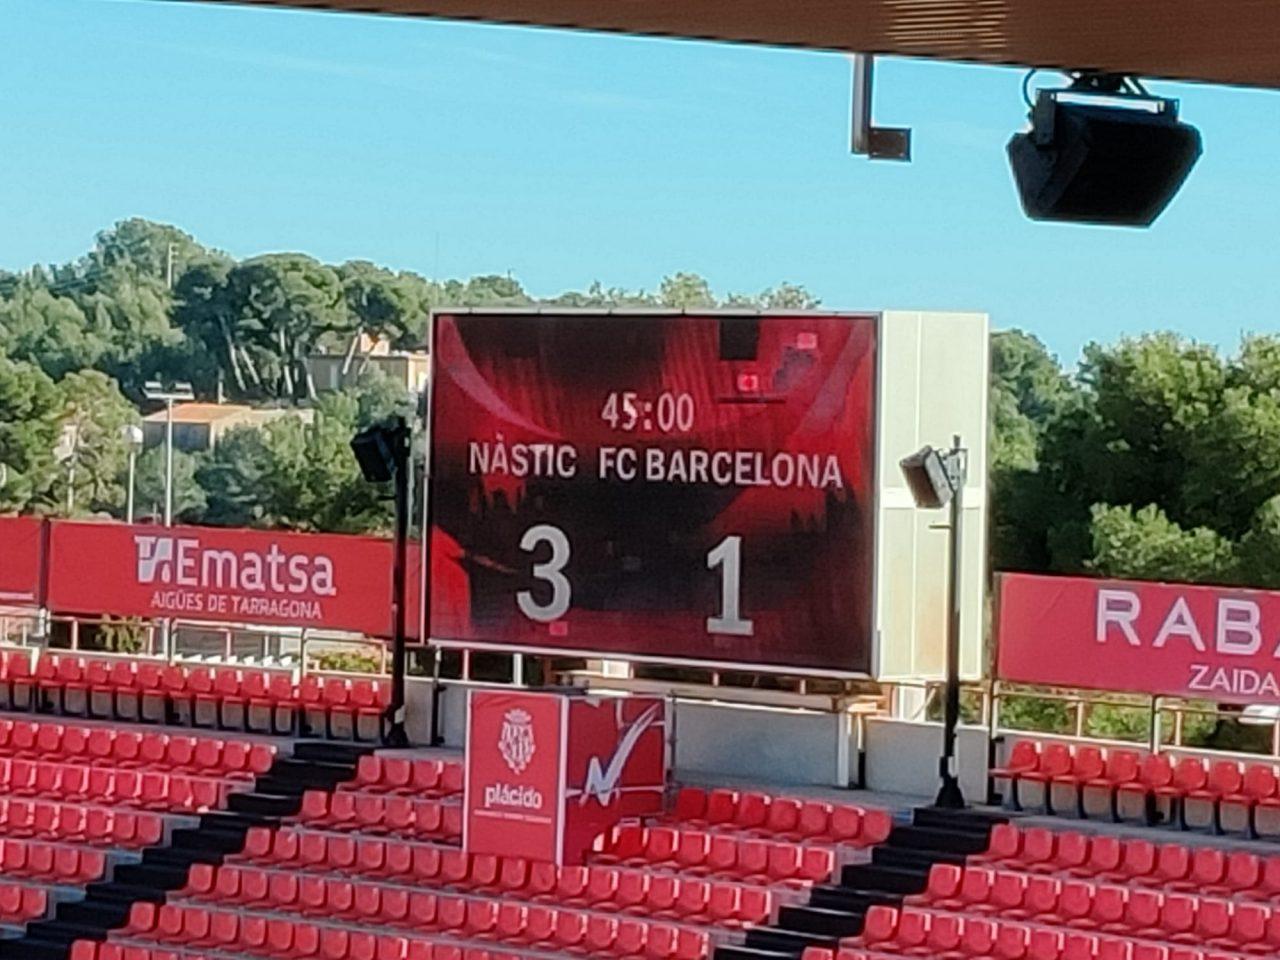 Nàstic-Barça-B4-1280x960.jpg